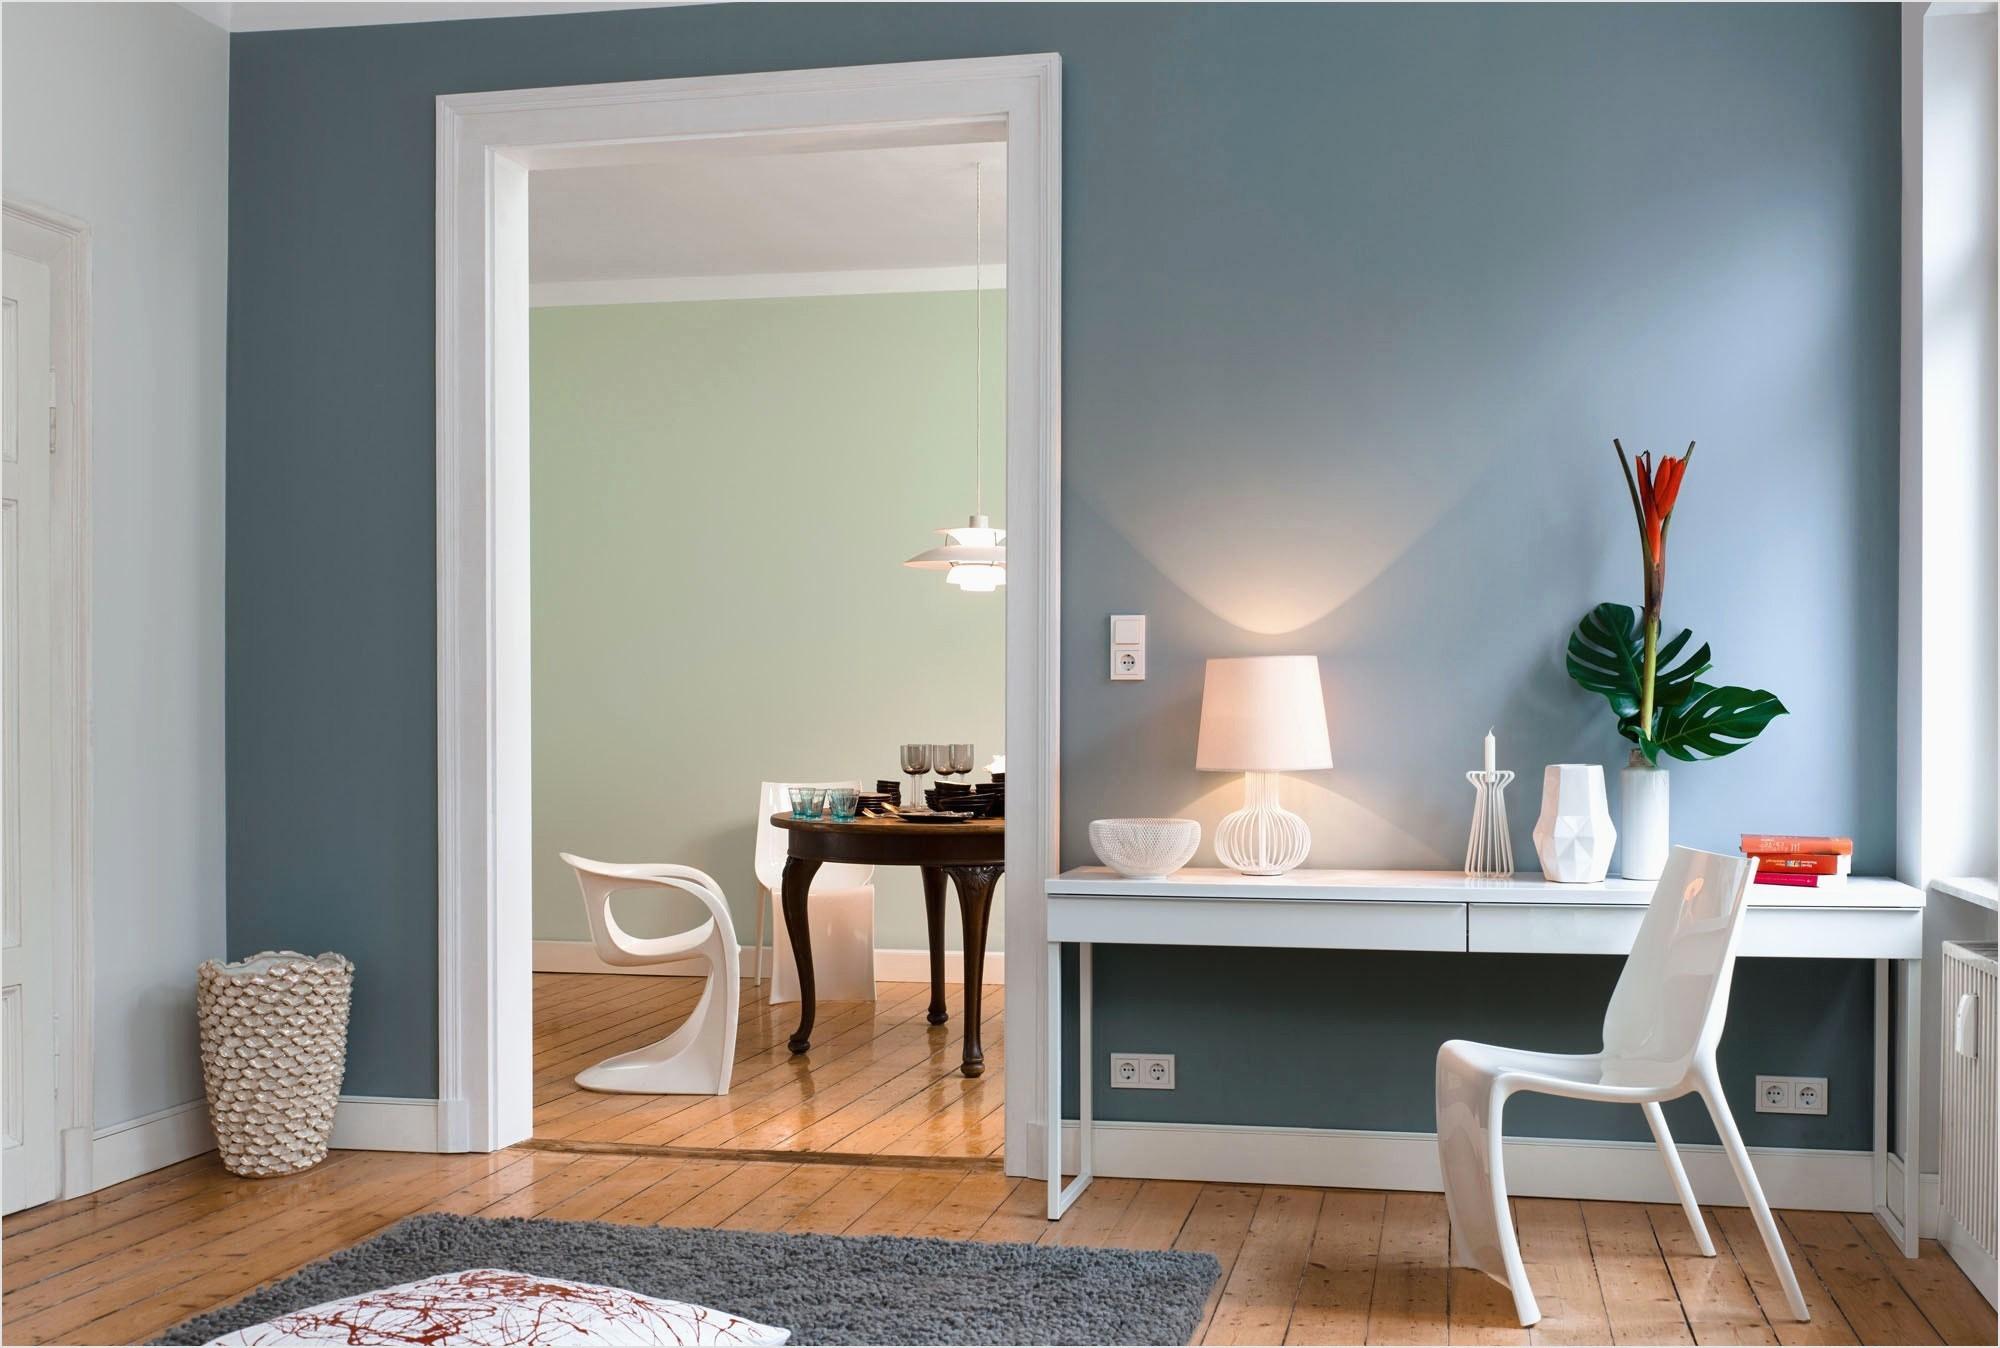 Doppeltür Wohnzimmer Extravaganz 38 Das Beste Von Ideen